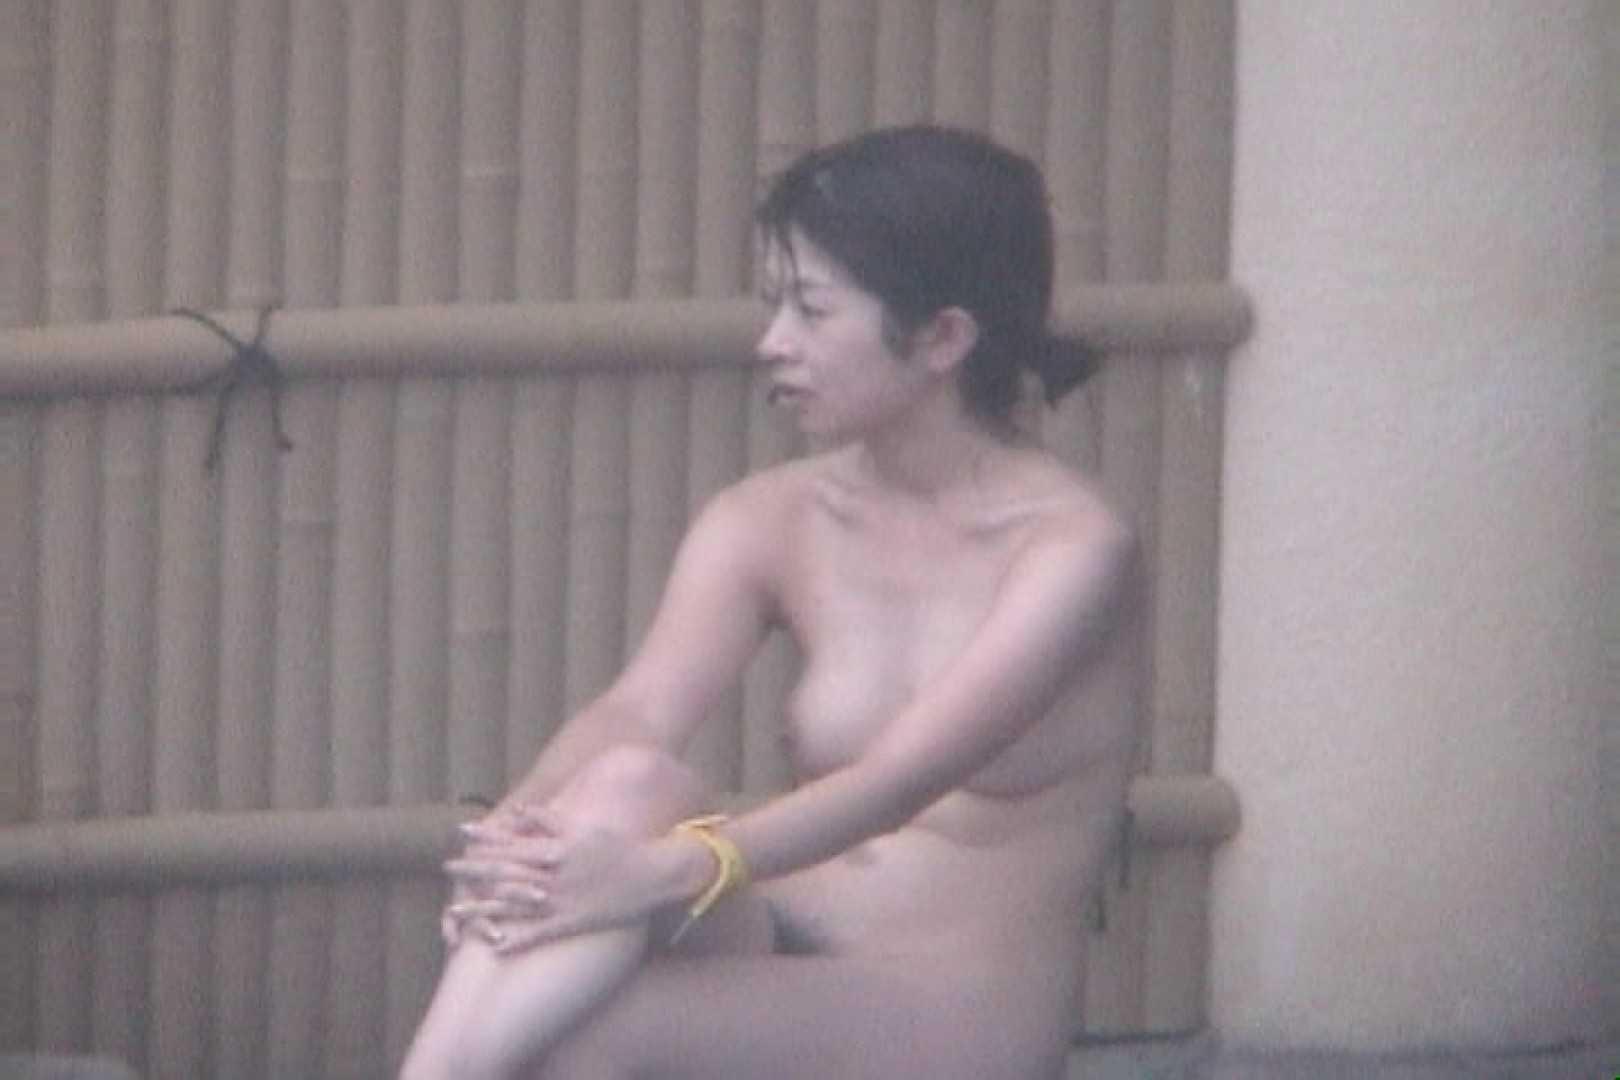 Aquaな露天風呂Vol.82【VIP限定】 OLハメ撮り  101Pix 32